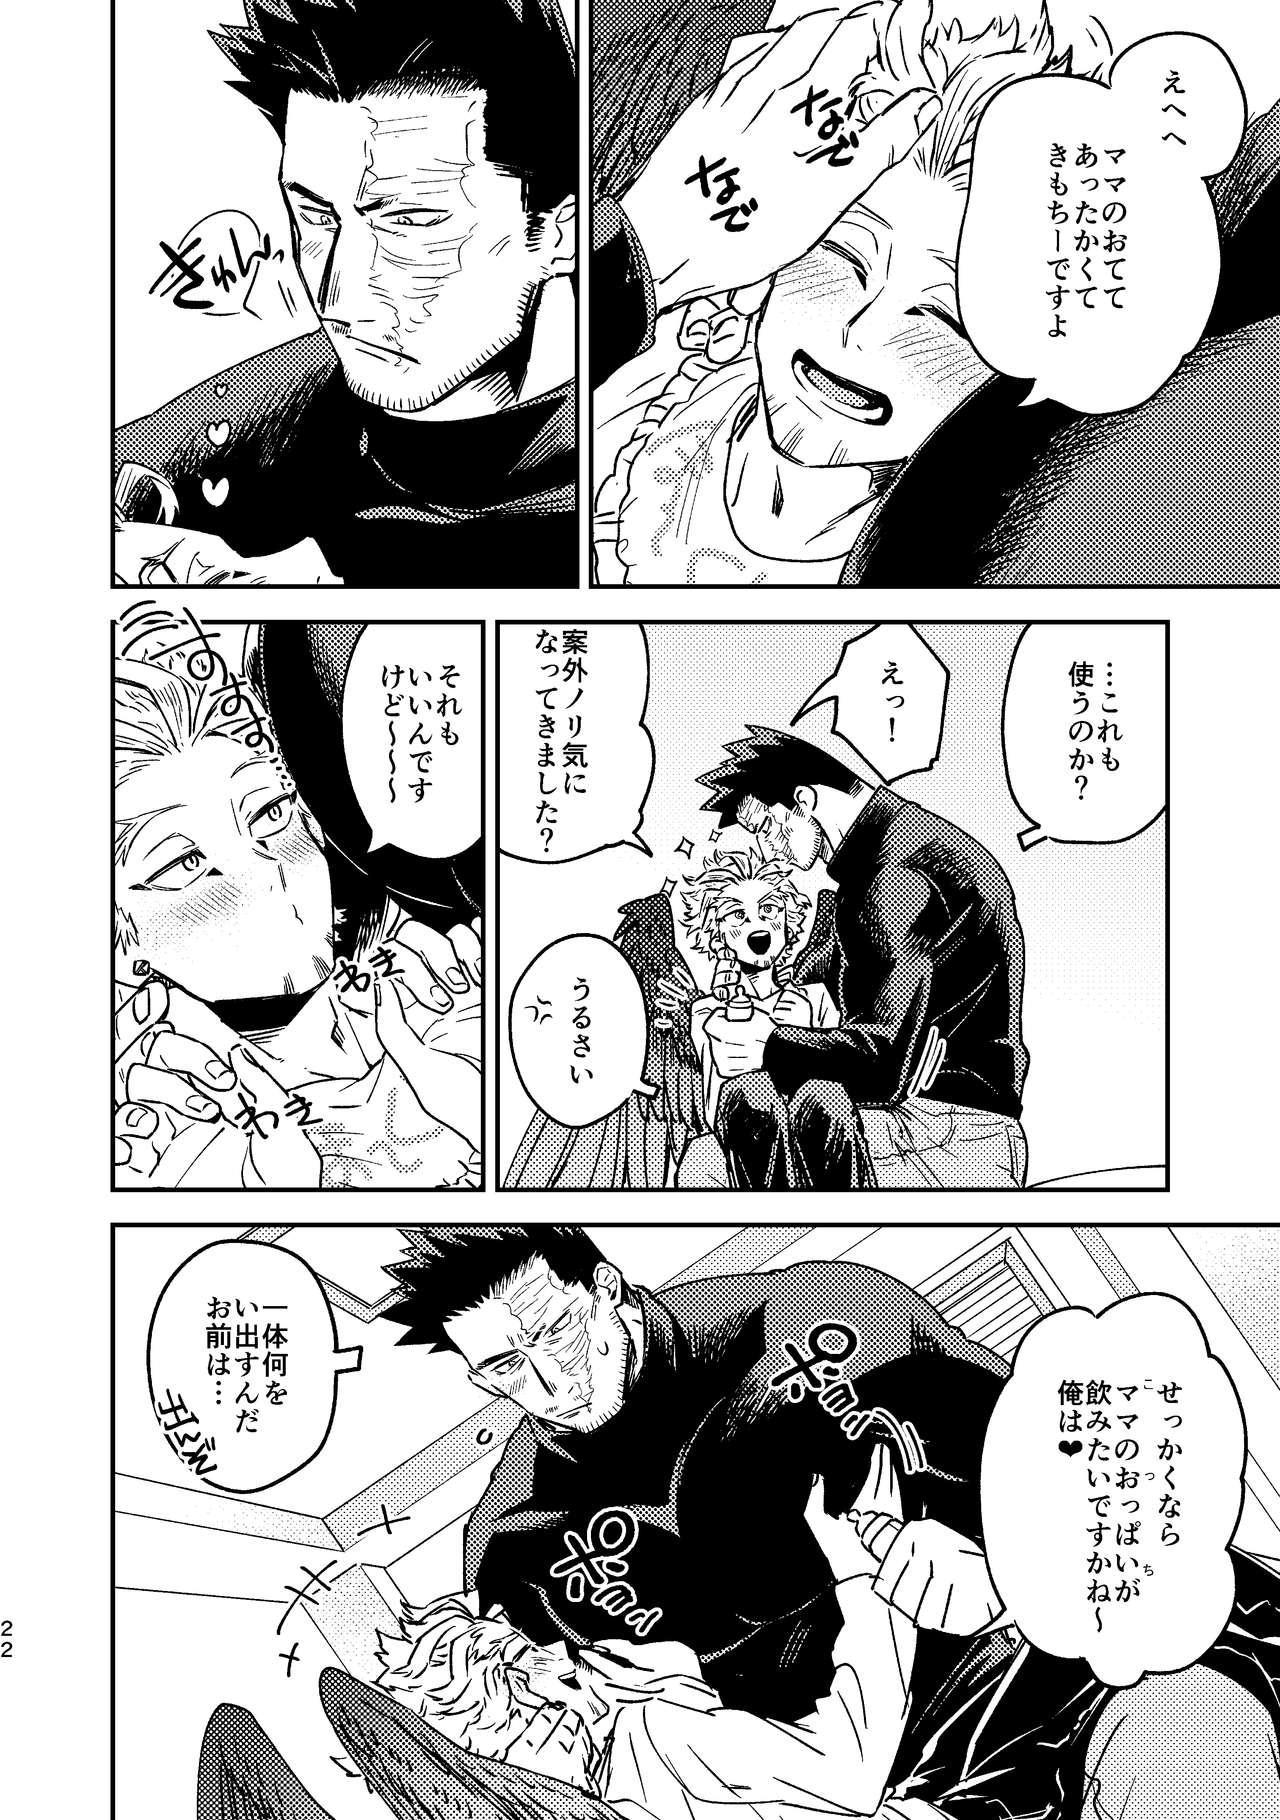 WEB Sairoku Zumi HawEn Manga ga Kami demo Yomeru Hon. 21